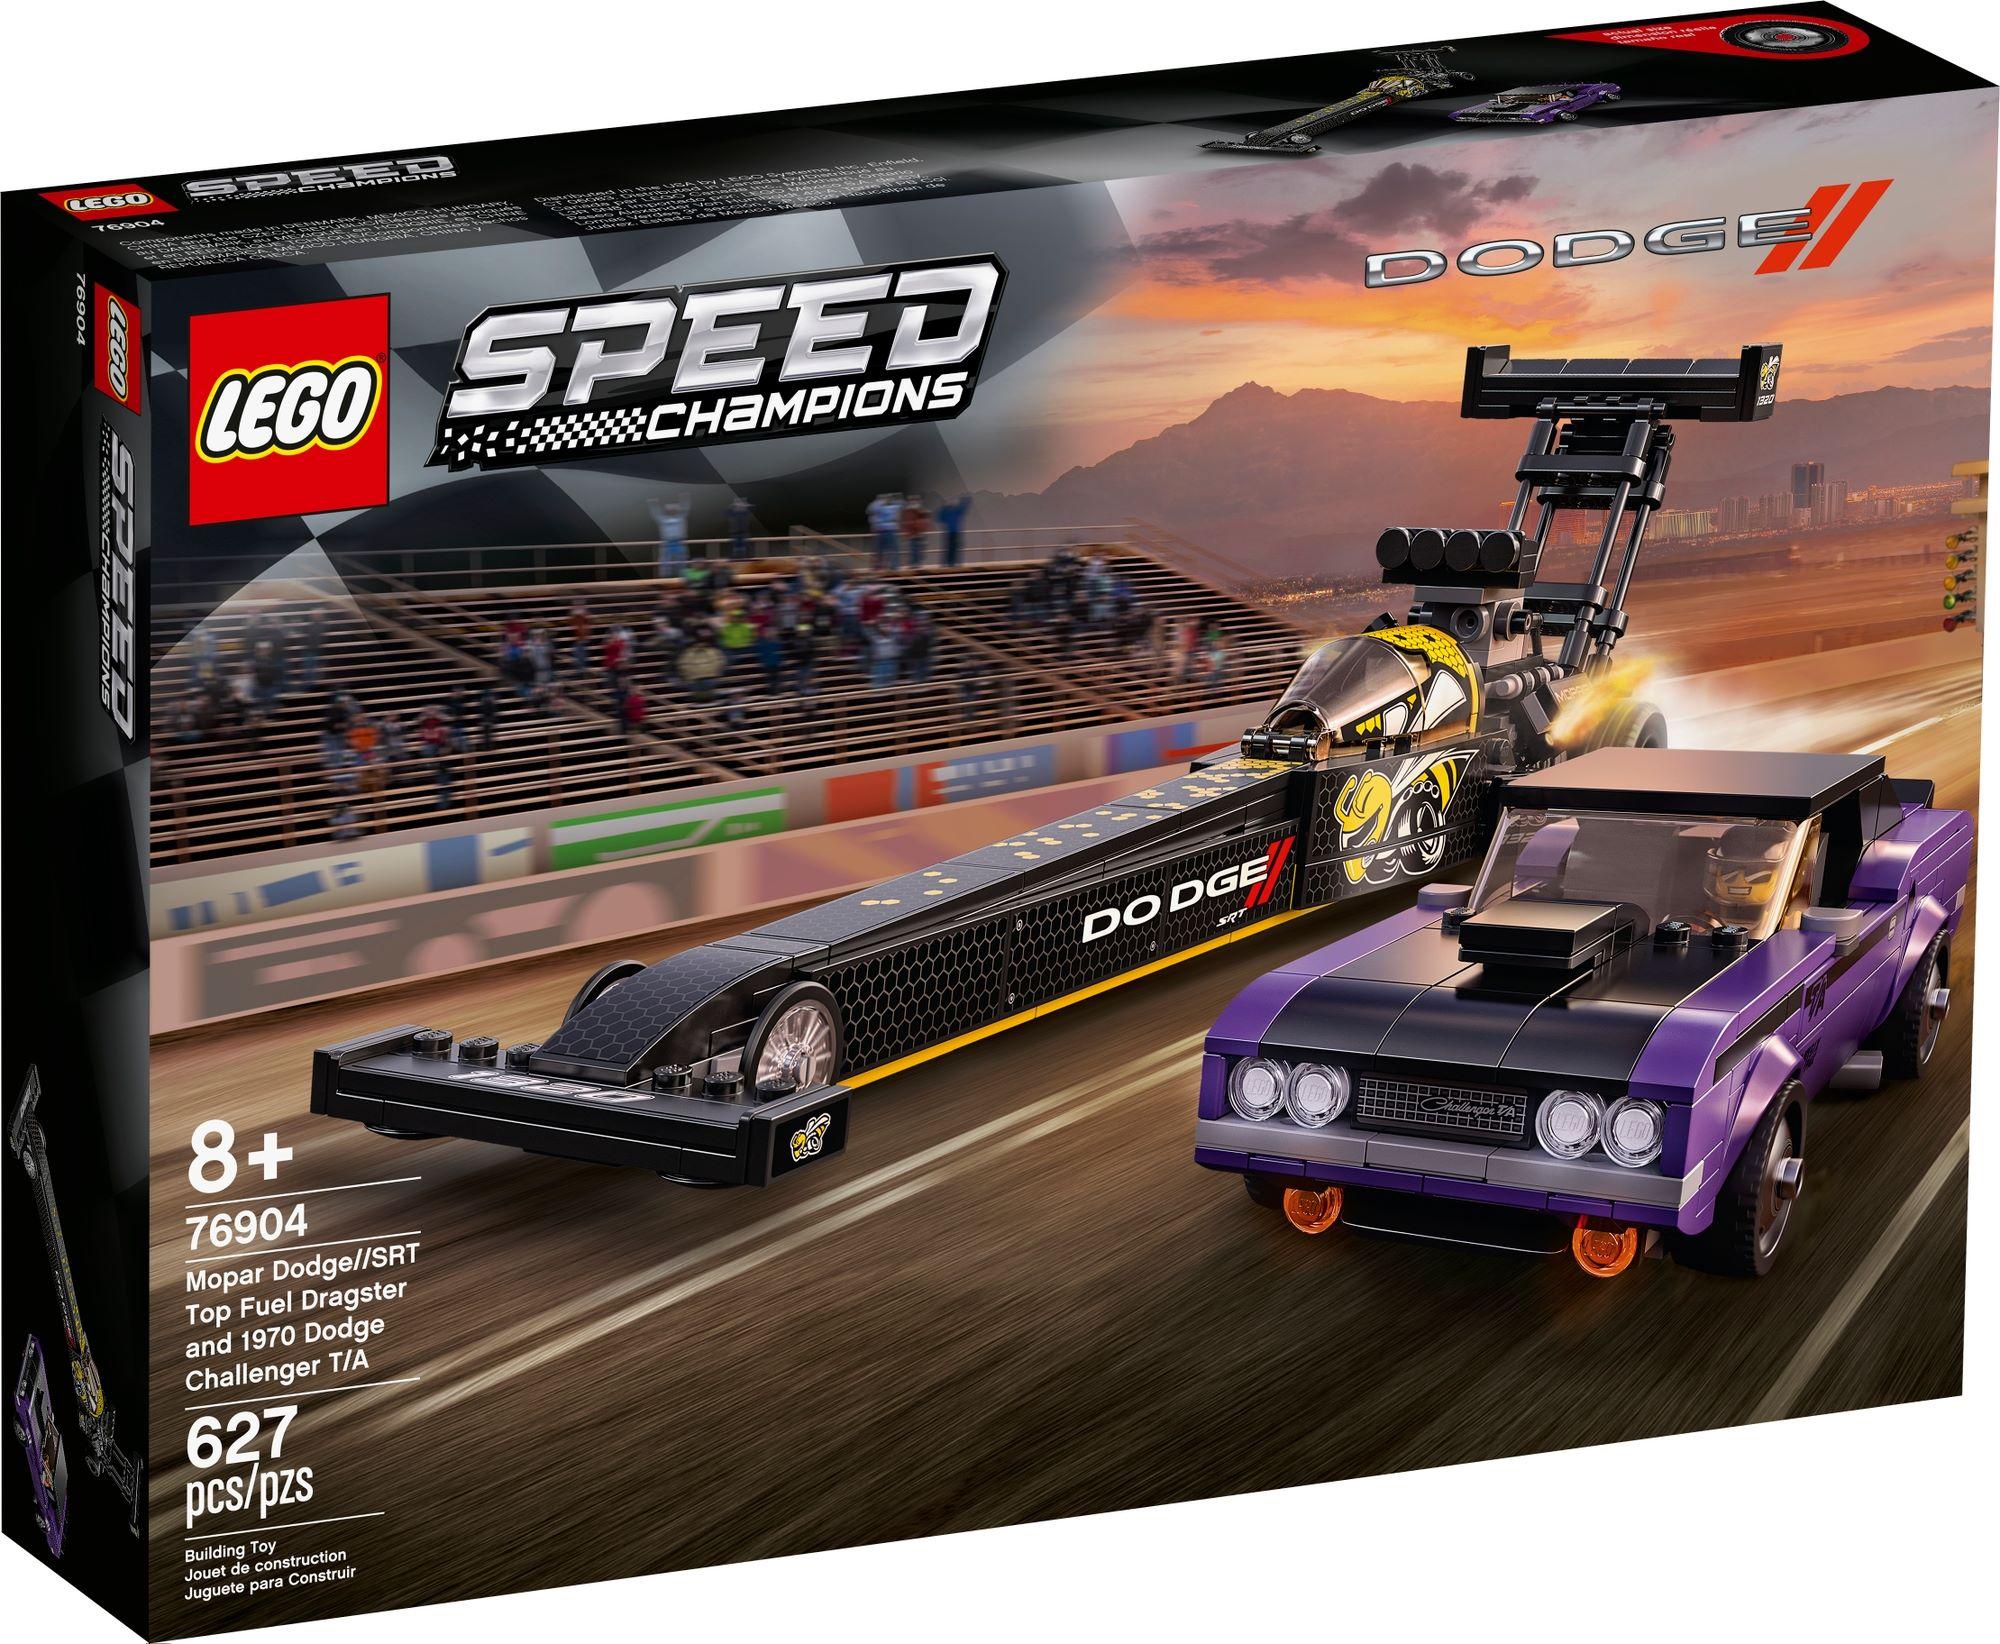 LEGO Speed Champions 76904 Mopar Dodge Srt Dragster & 1970 Dodge Challenger 2